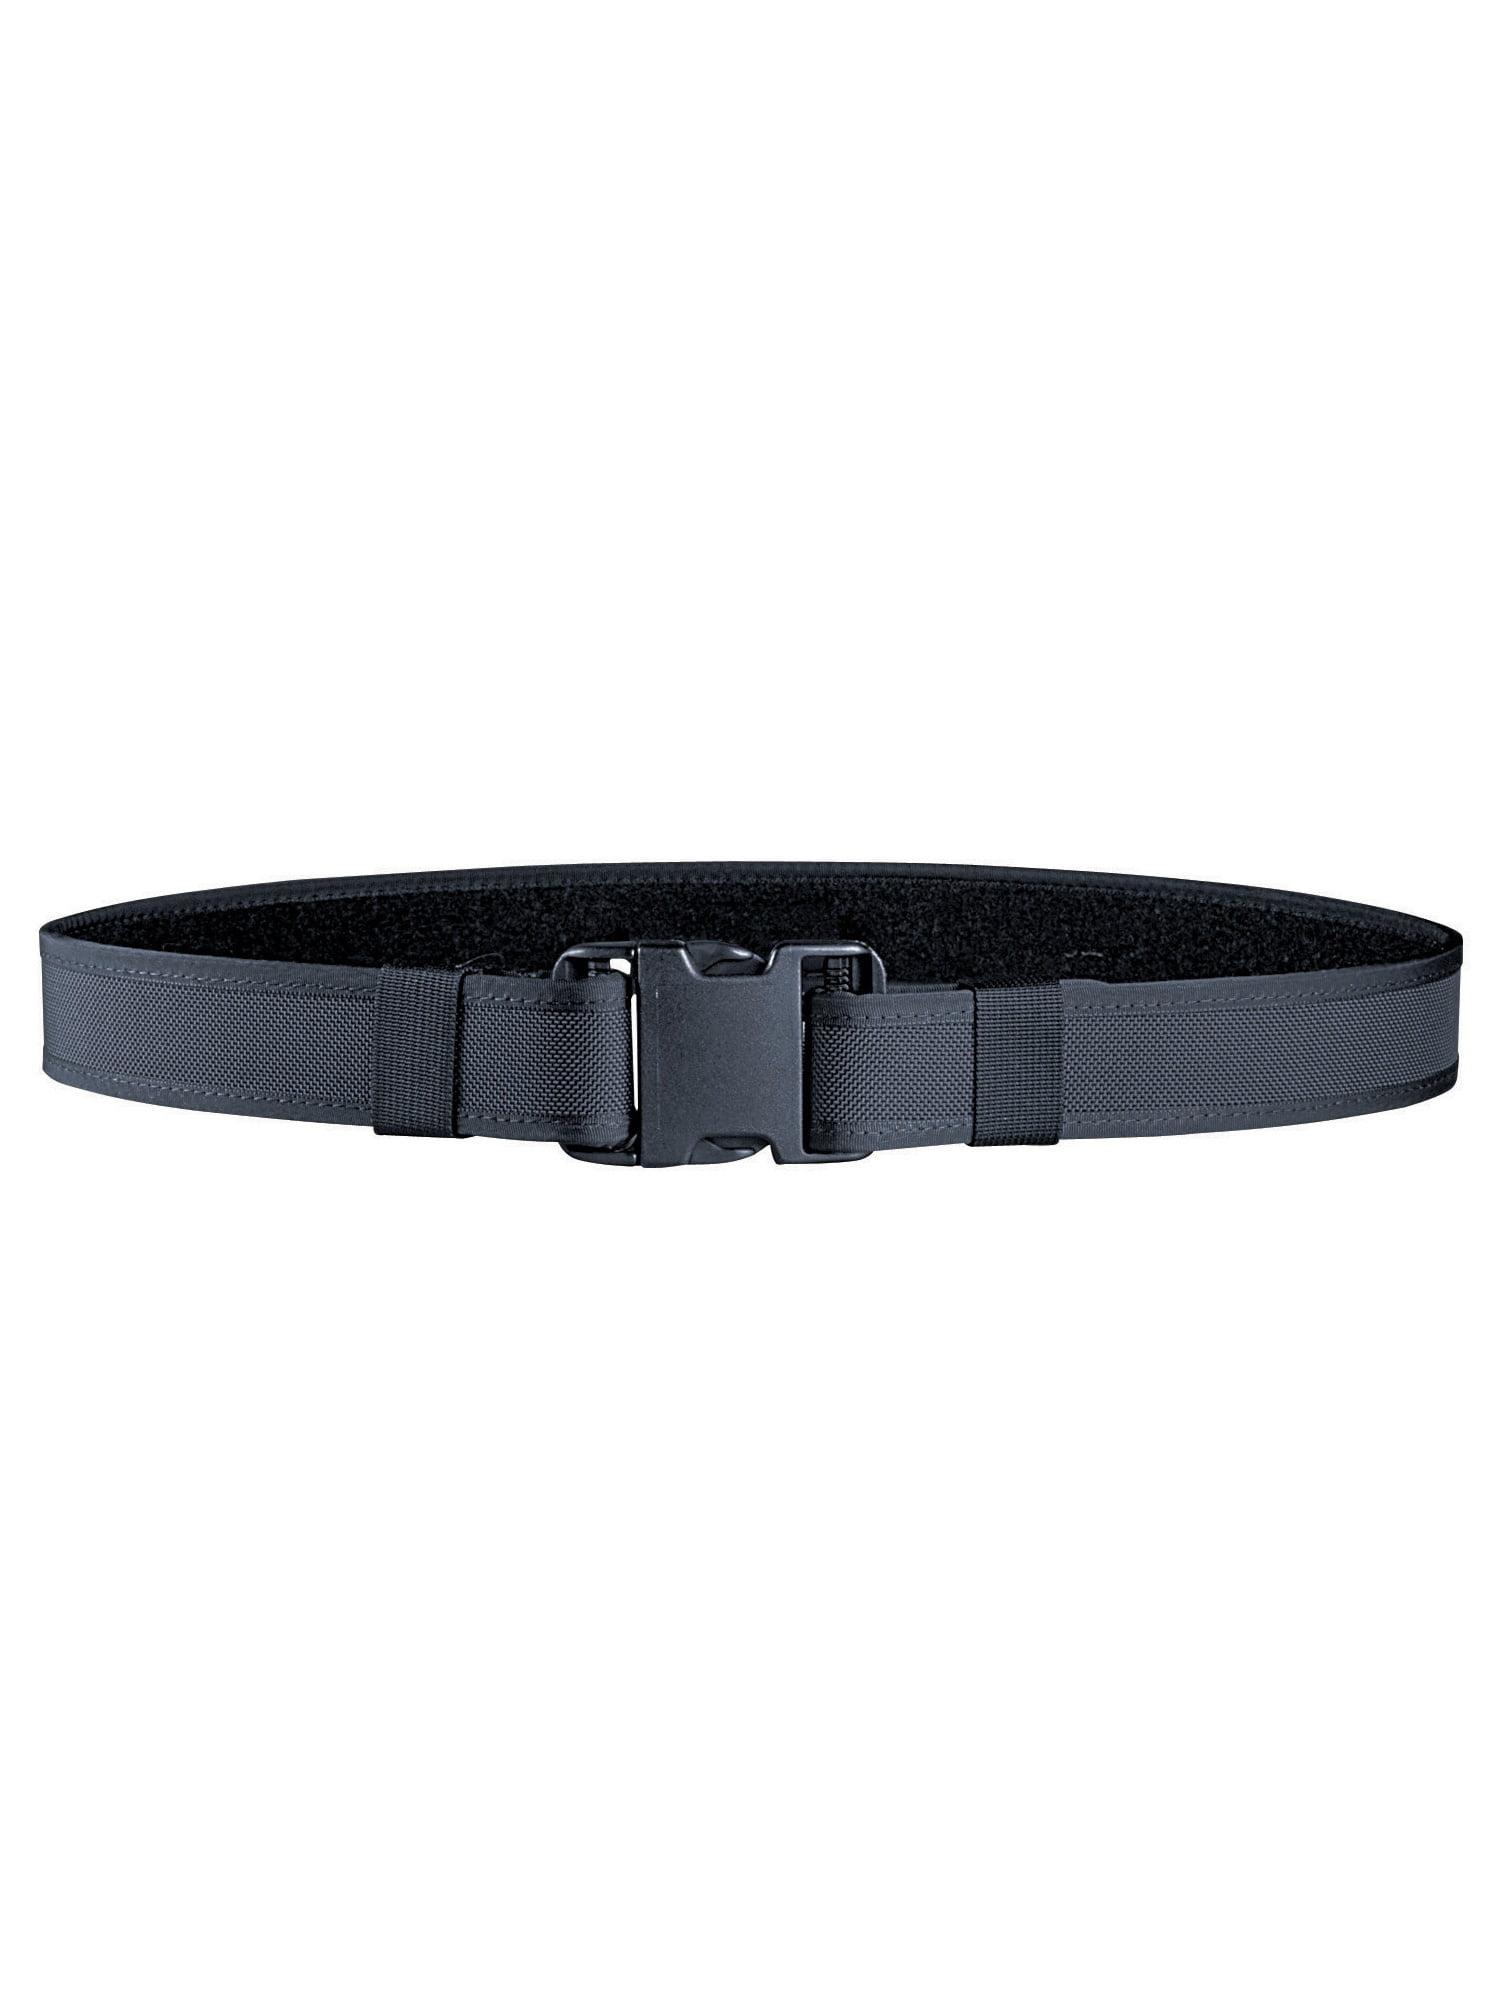 """Bianchi 17872 Nylon Gun Belt, 7202, 40""""-46\ by BIANCHI INTERNATIONAL"""